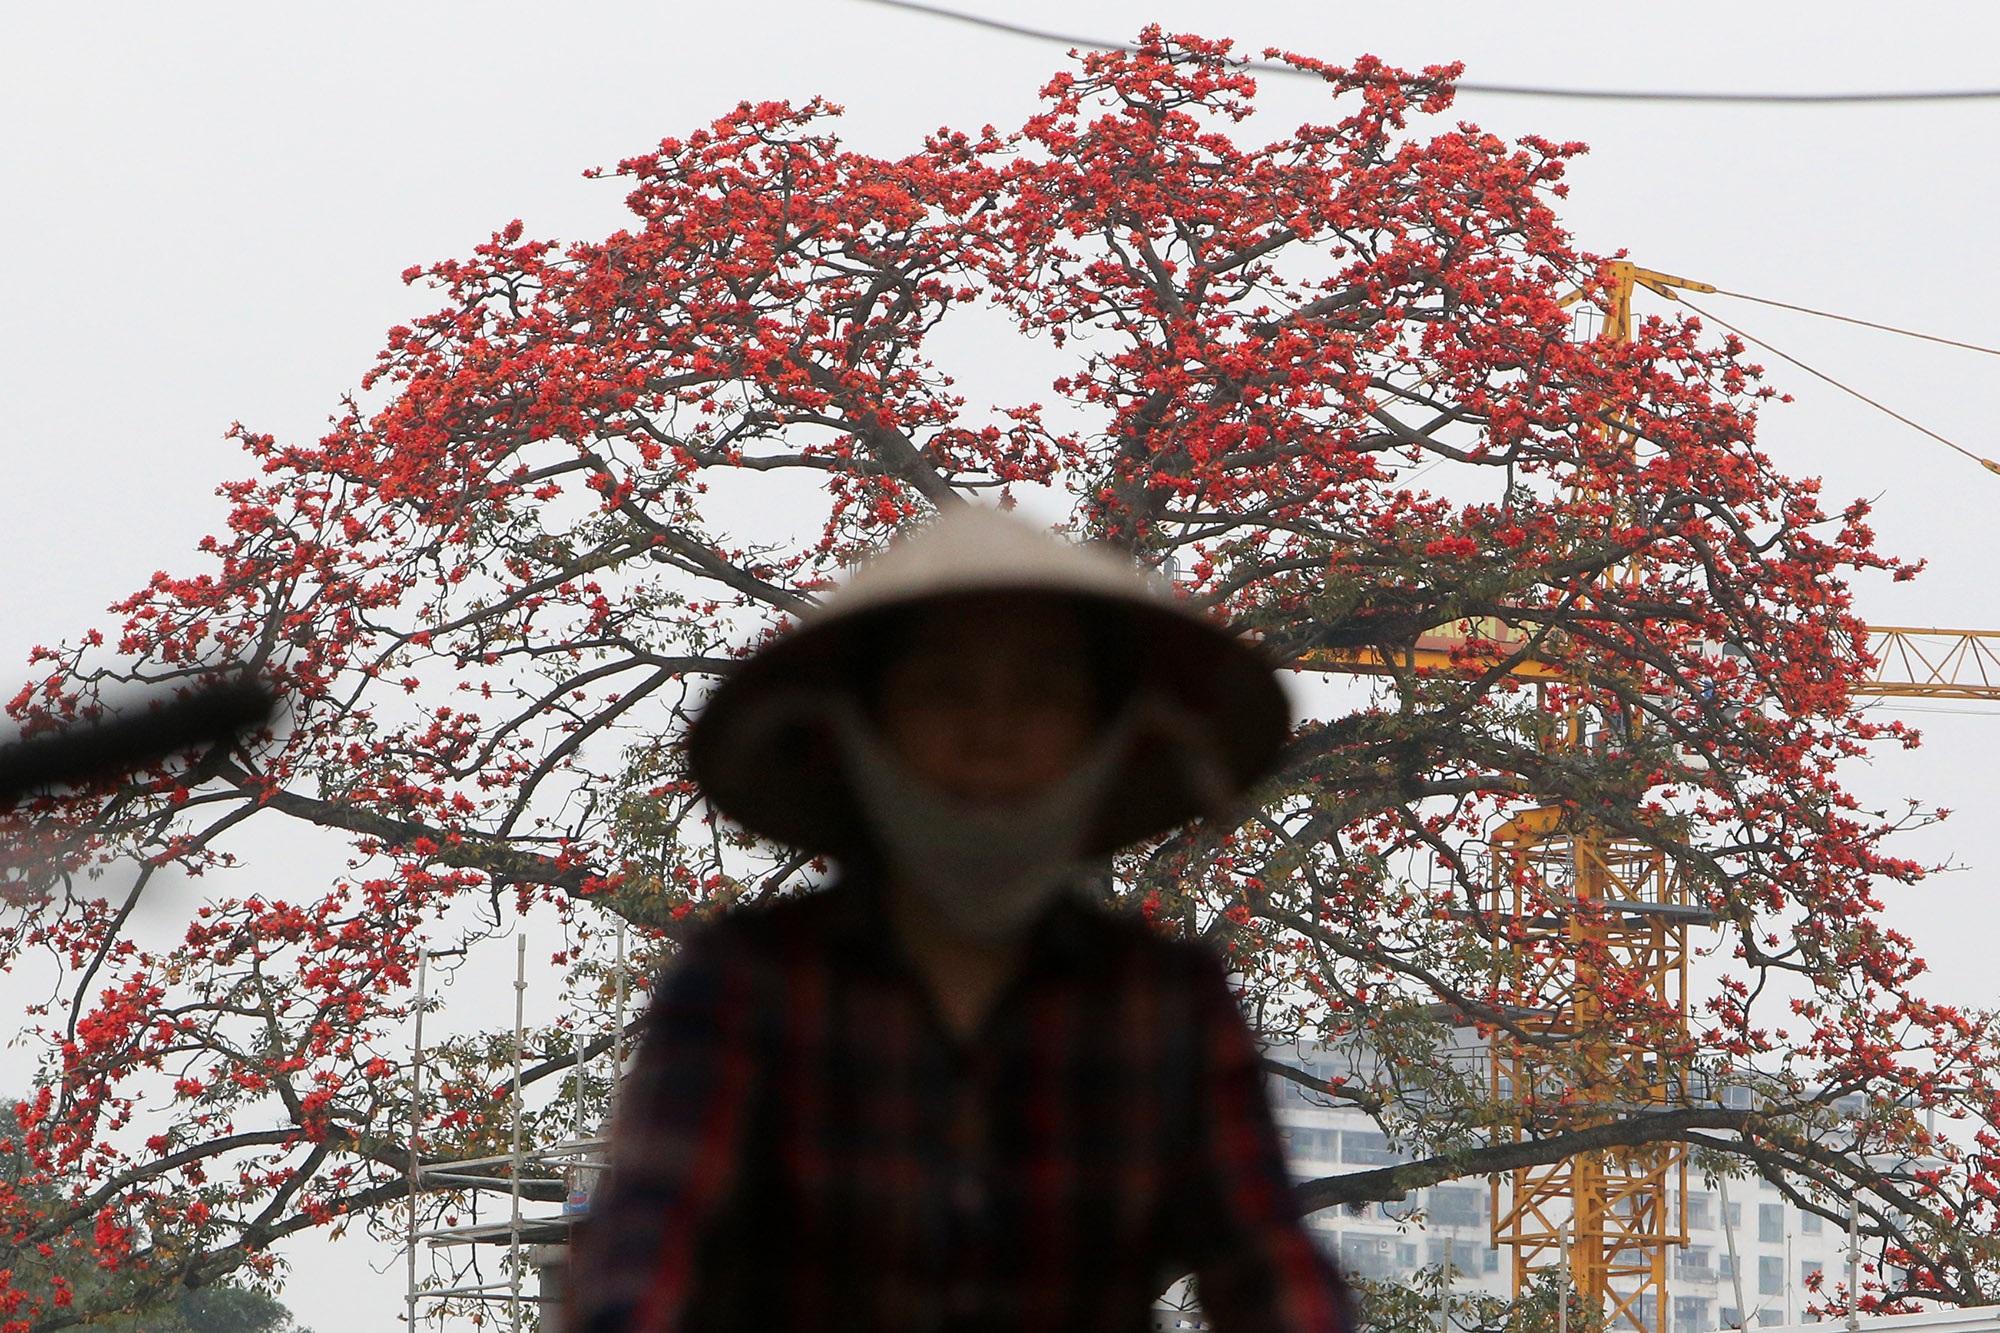 Cảnh sắc hoa gạo đỏ rực một góc trời Hà Nội - 8